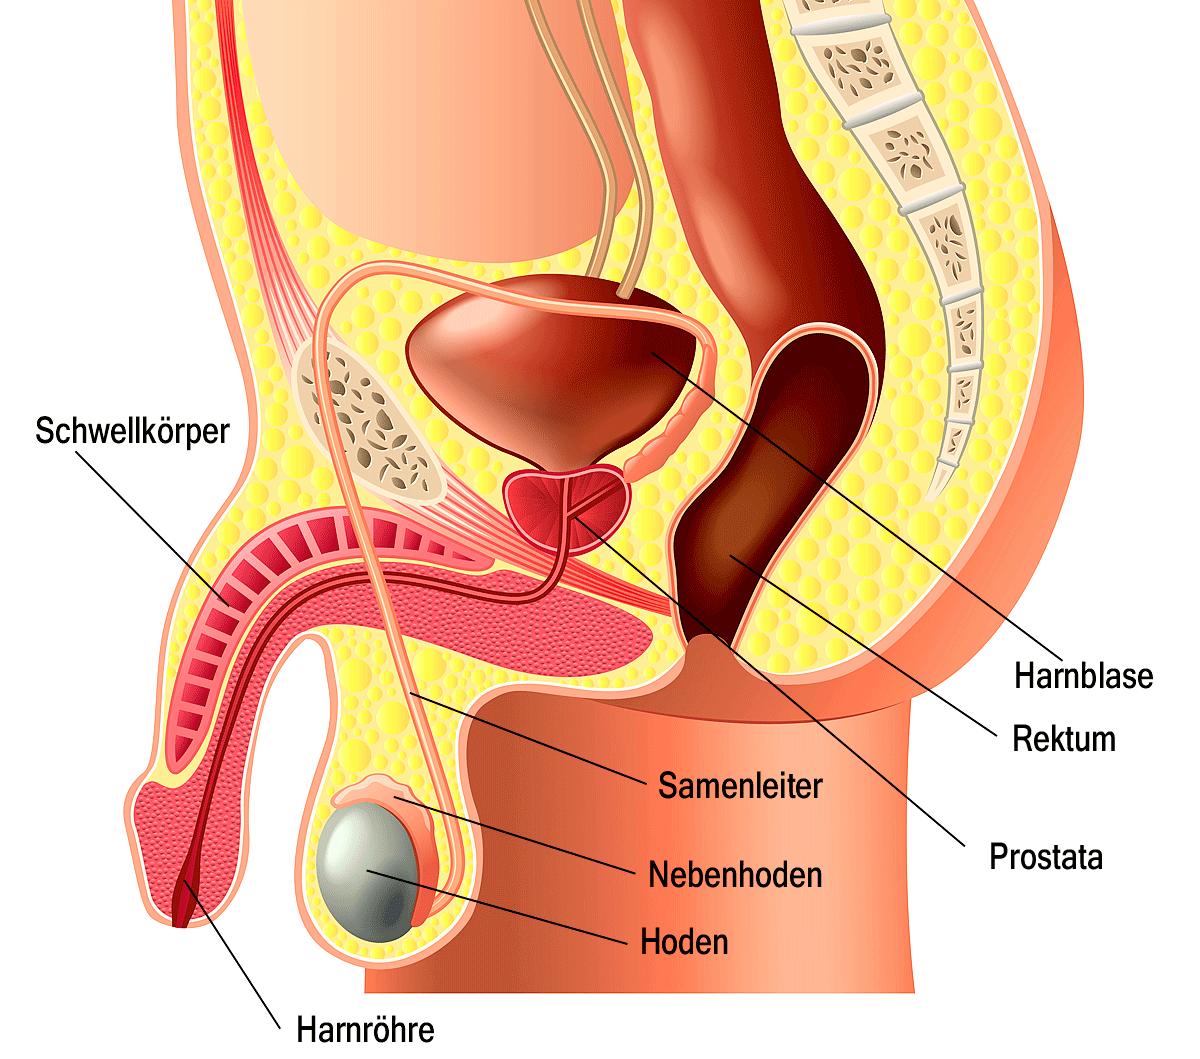 Ist die penislänge wichtig